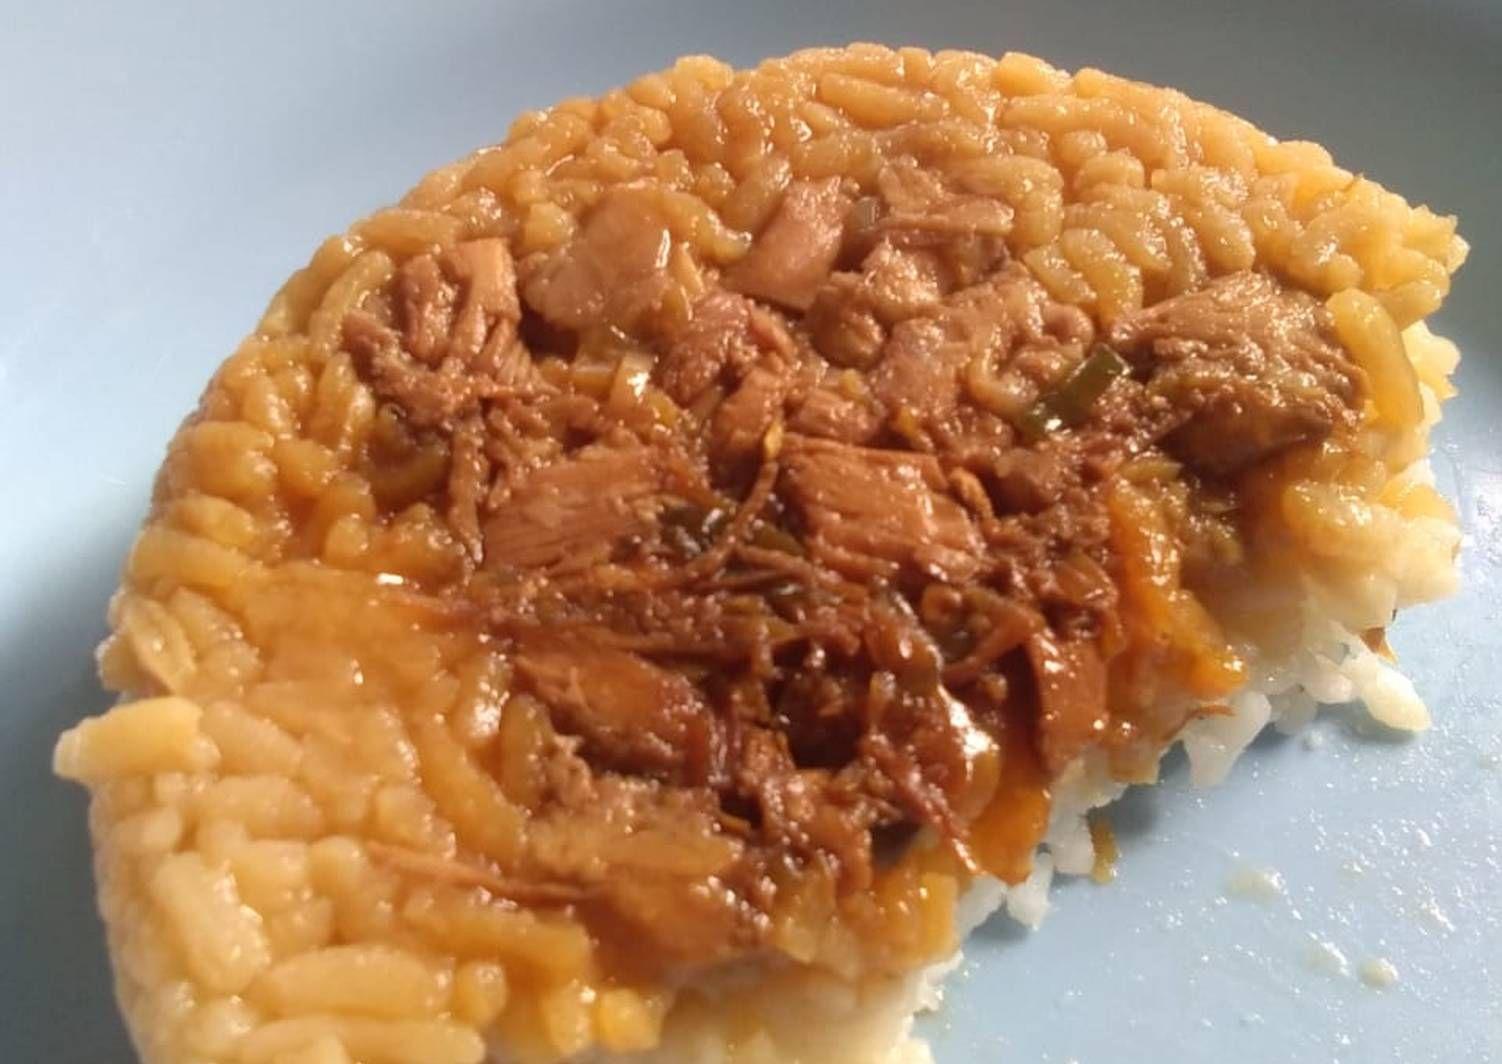 Resep Nasi Tim Ayam Hemat Waktu Oleh Vinona Resep Resep Makanan Makanan Rebusan